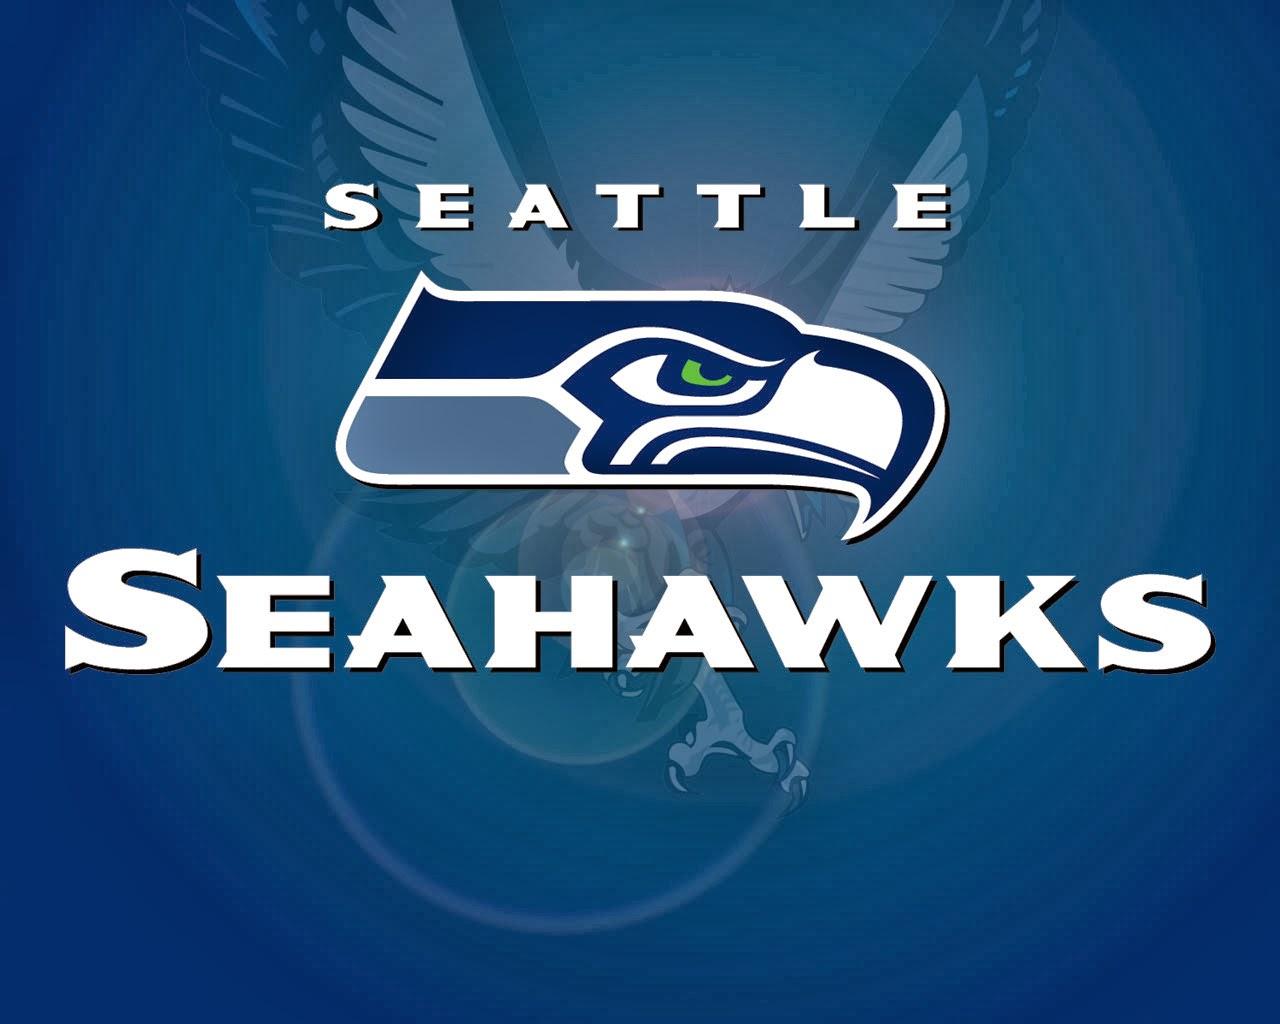 Seattle Seahawks Uniforms 2015 Scheduling seattle seahawk 1280x1024